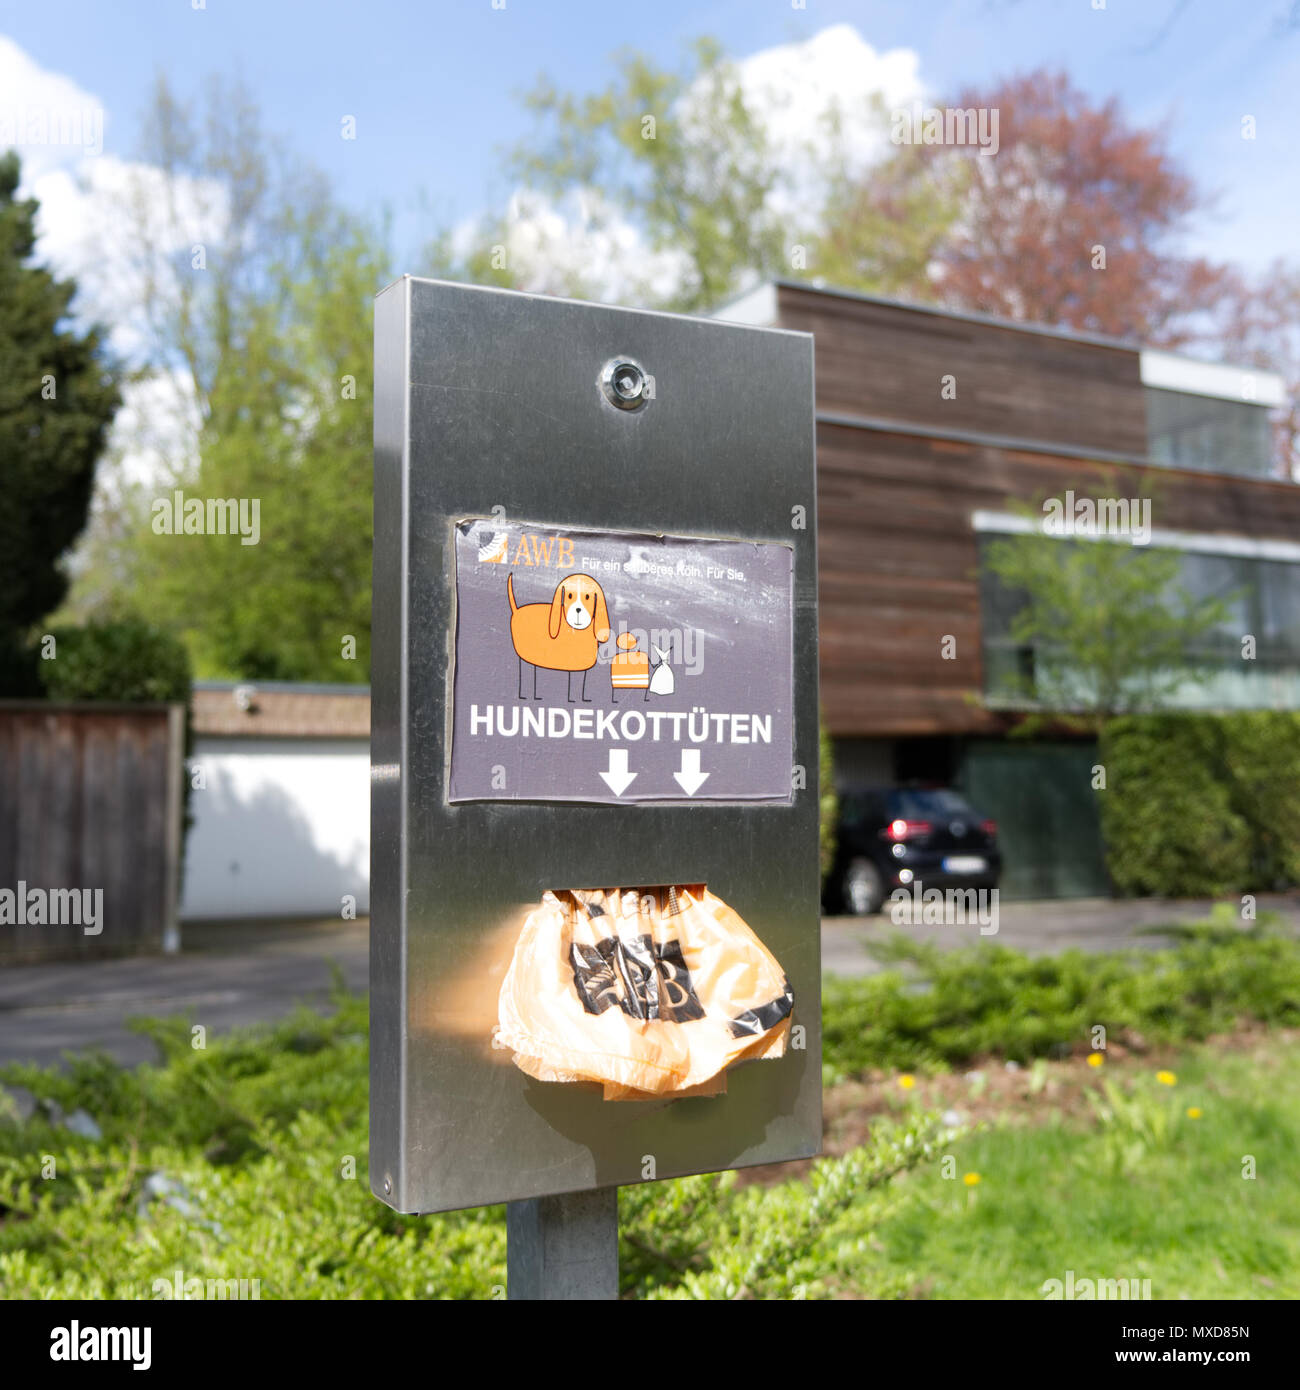 Container for dog biscuits. Spender für Hundekotttüten der Stadt Köln - Stock Image